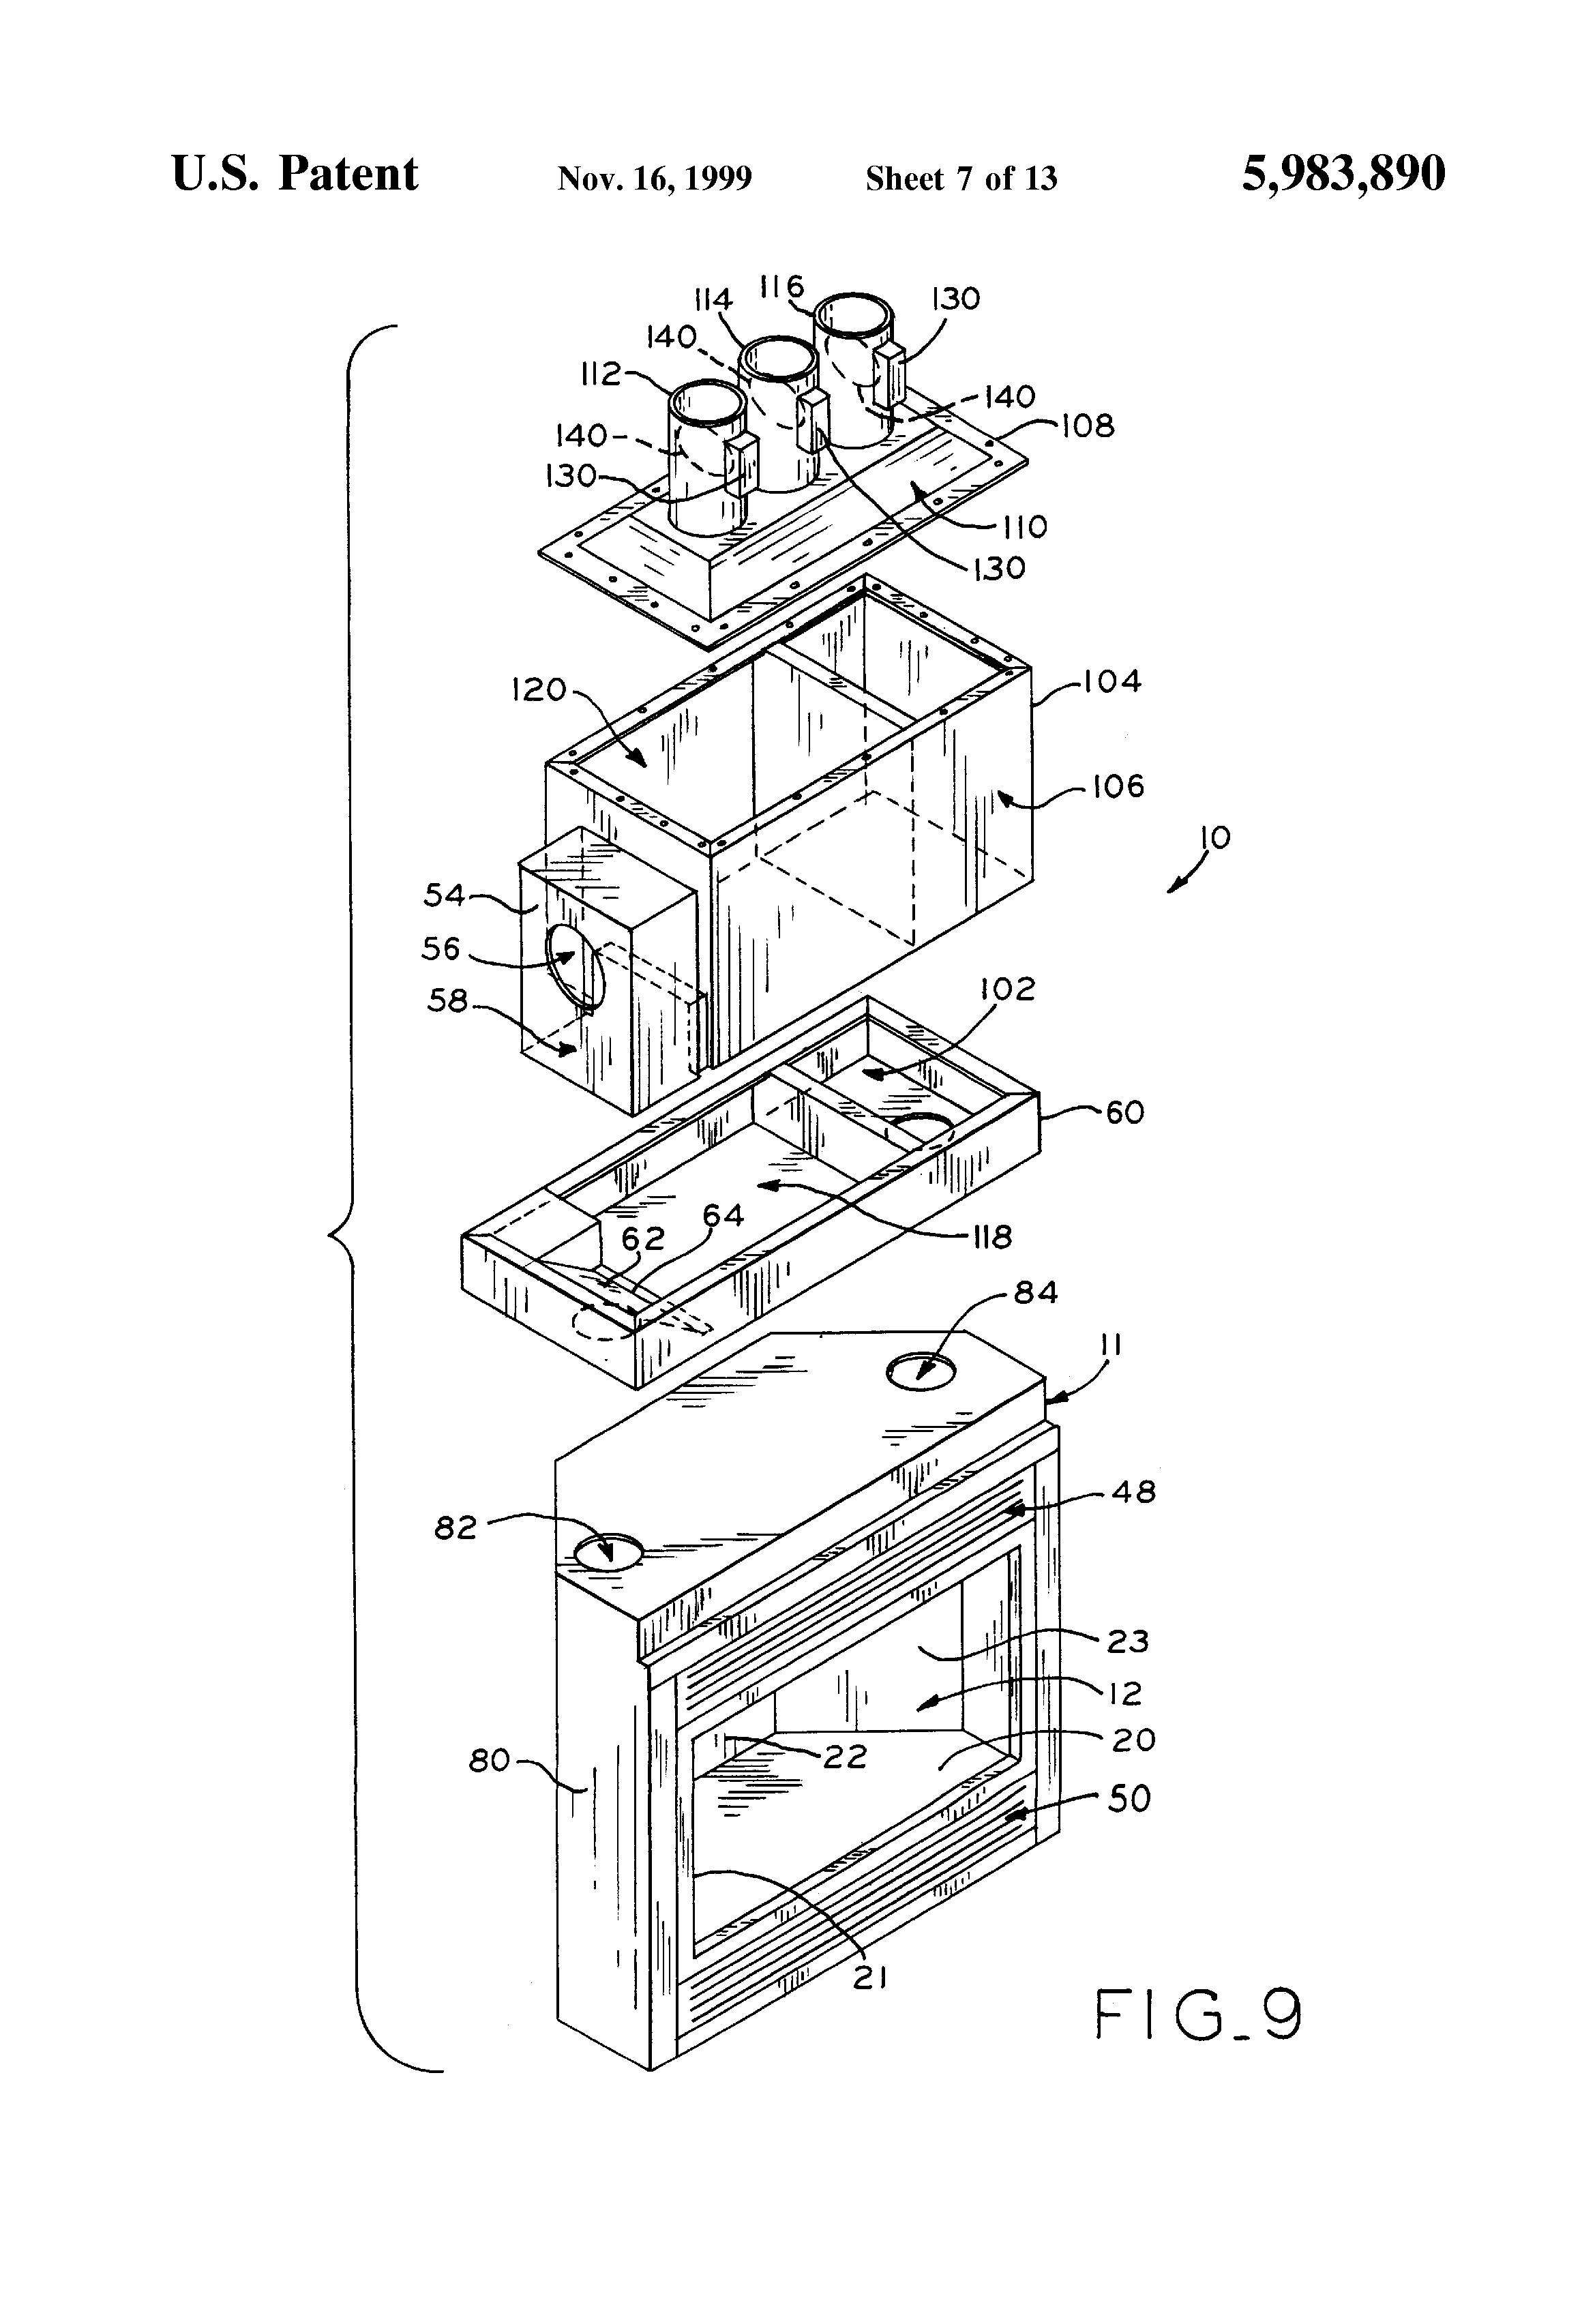 1967 triumph tr4a wiring diagram porsche 911 wiring